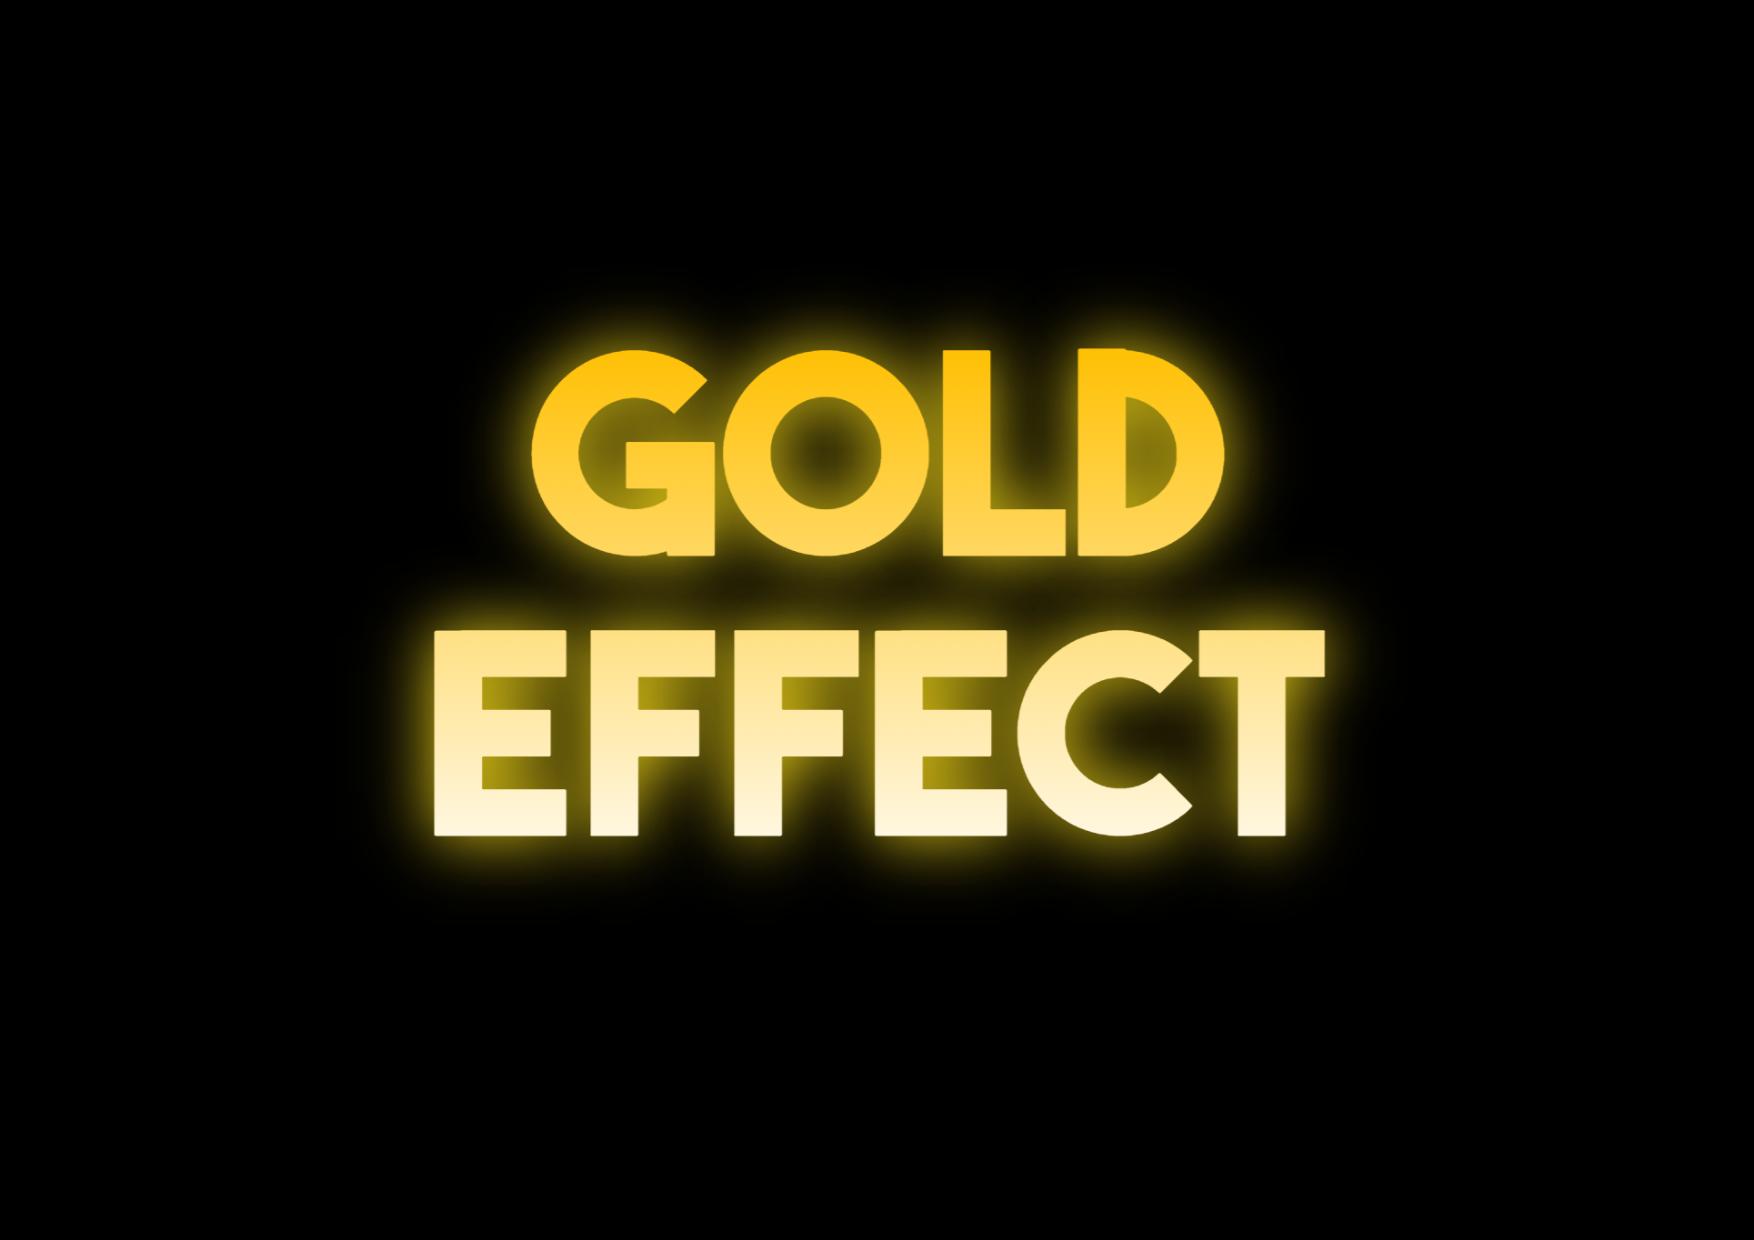 Gold Text Effect Design  Template